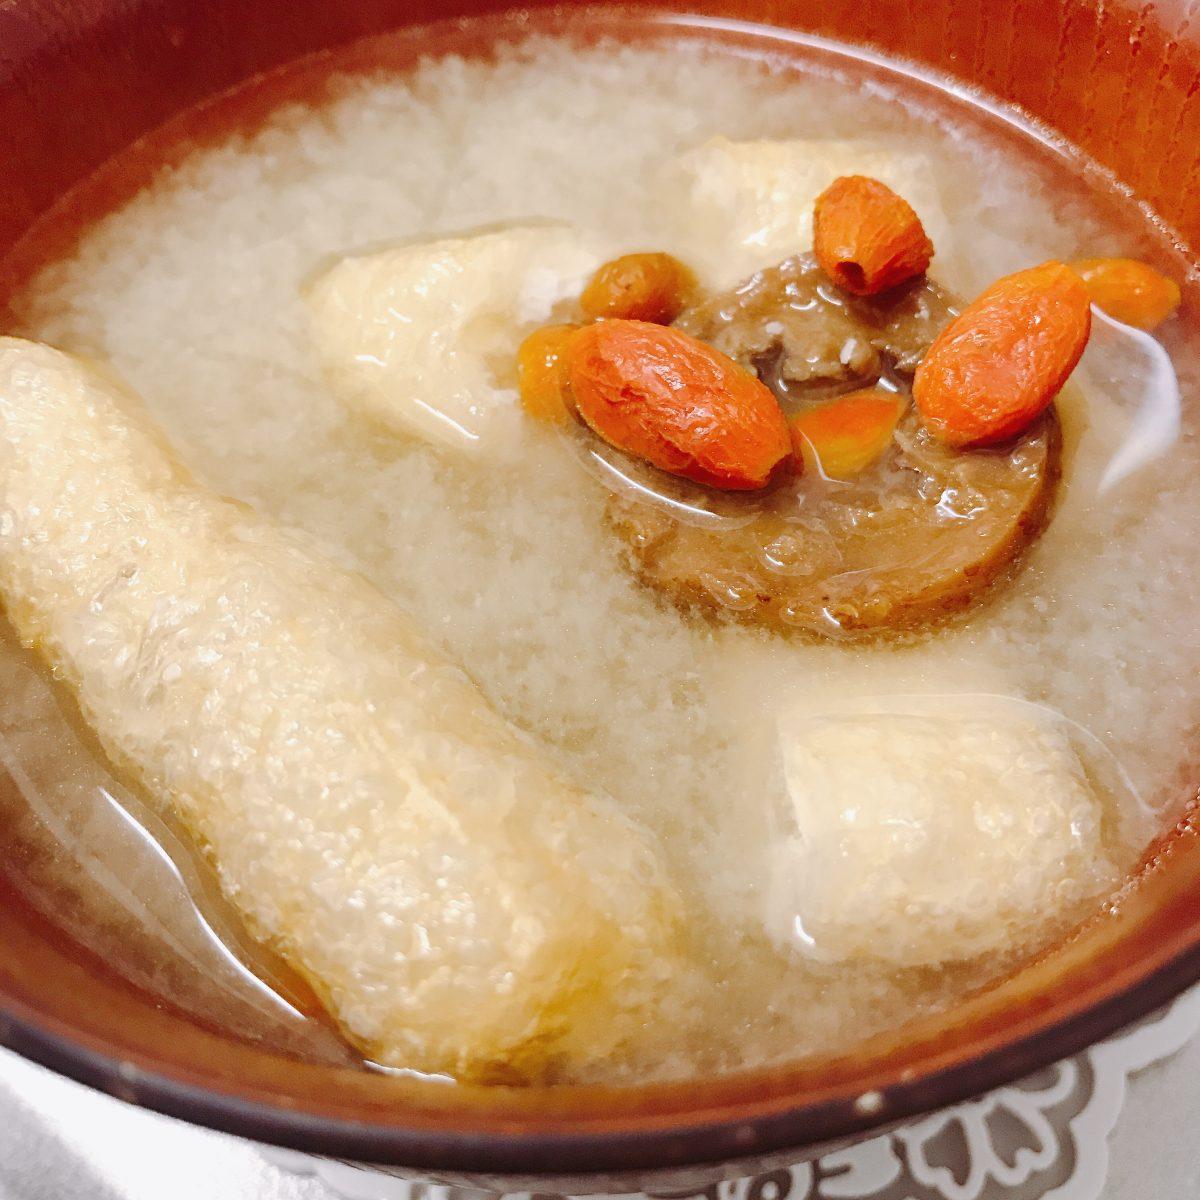 うるおい美漢茶リメイクレシピお味噌汁